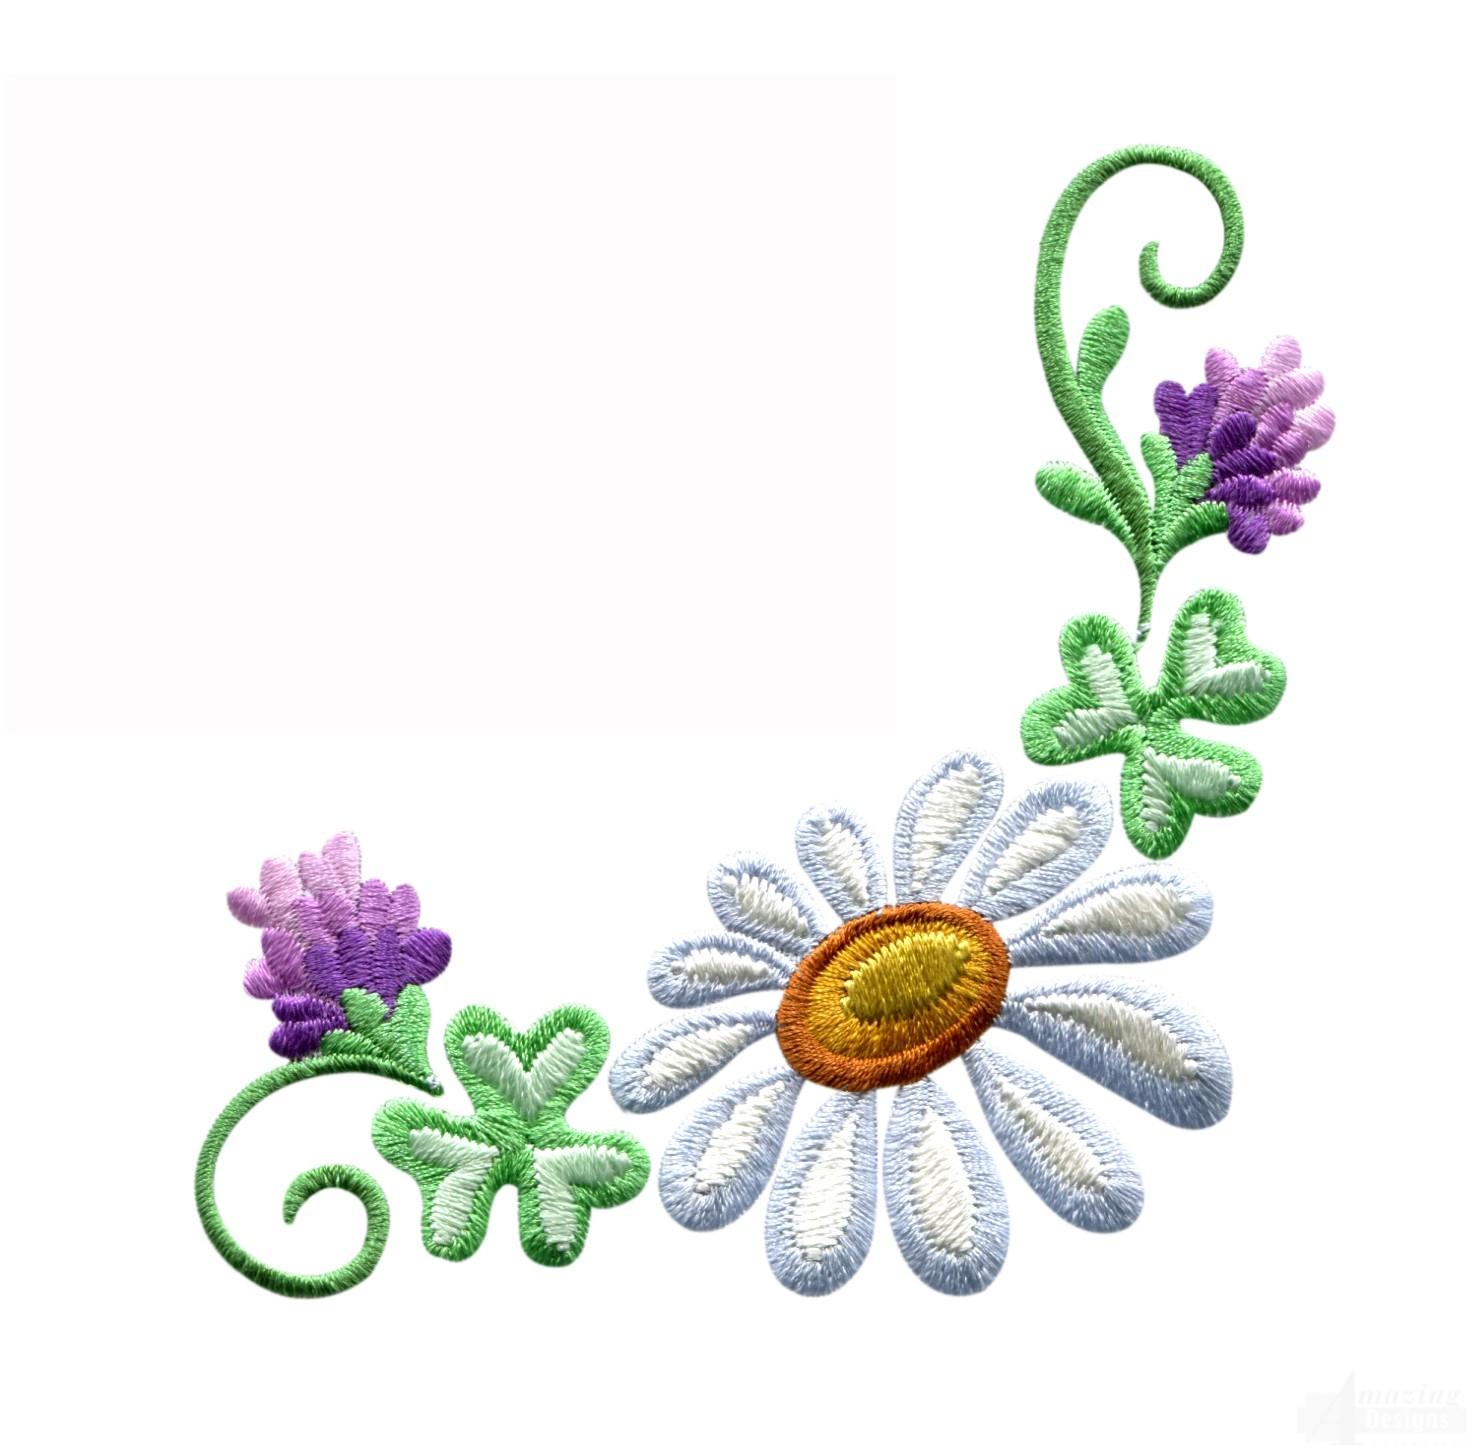 Floral border design images clip art